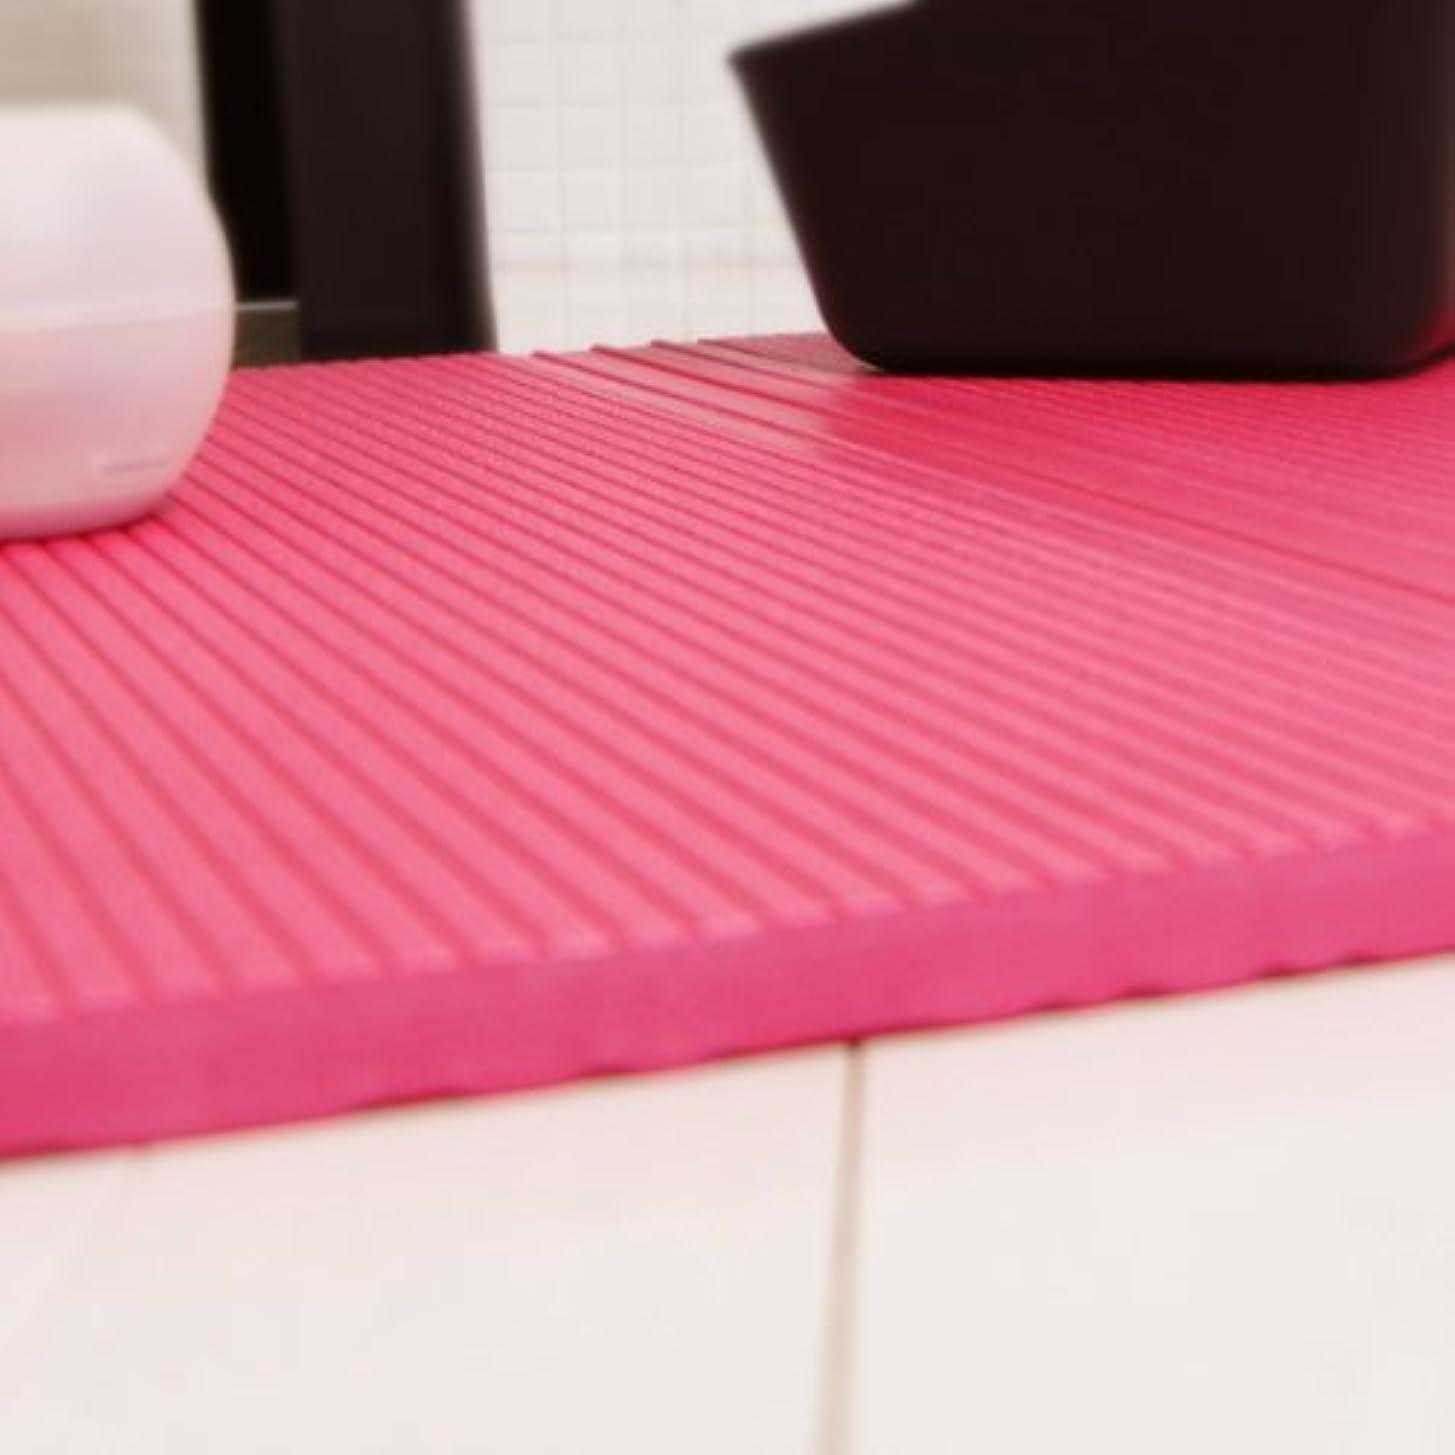 スピリチュアル養うきれいにwarmパタッとスノコ レギュラーサイズ ピンク PT-012